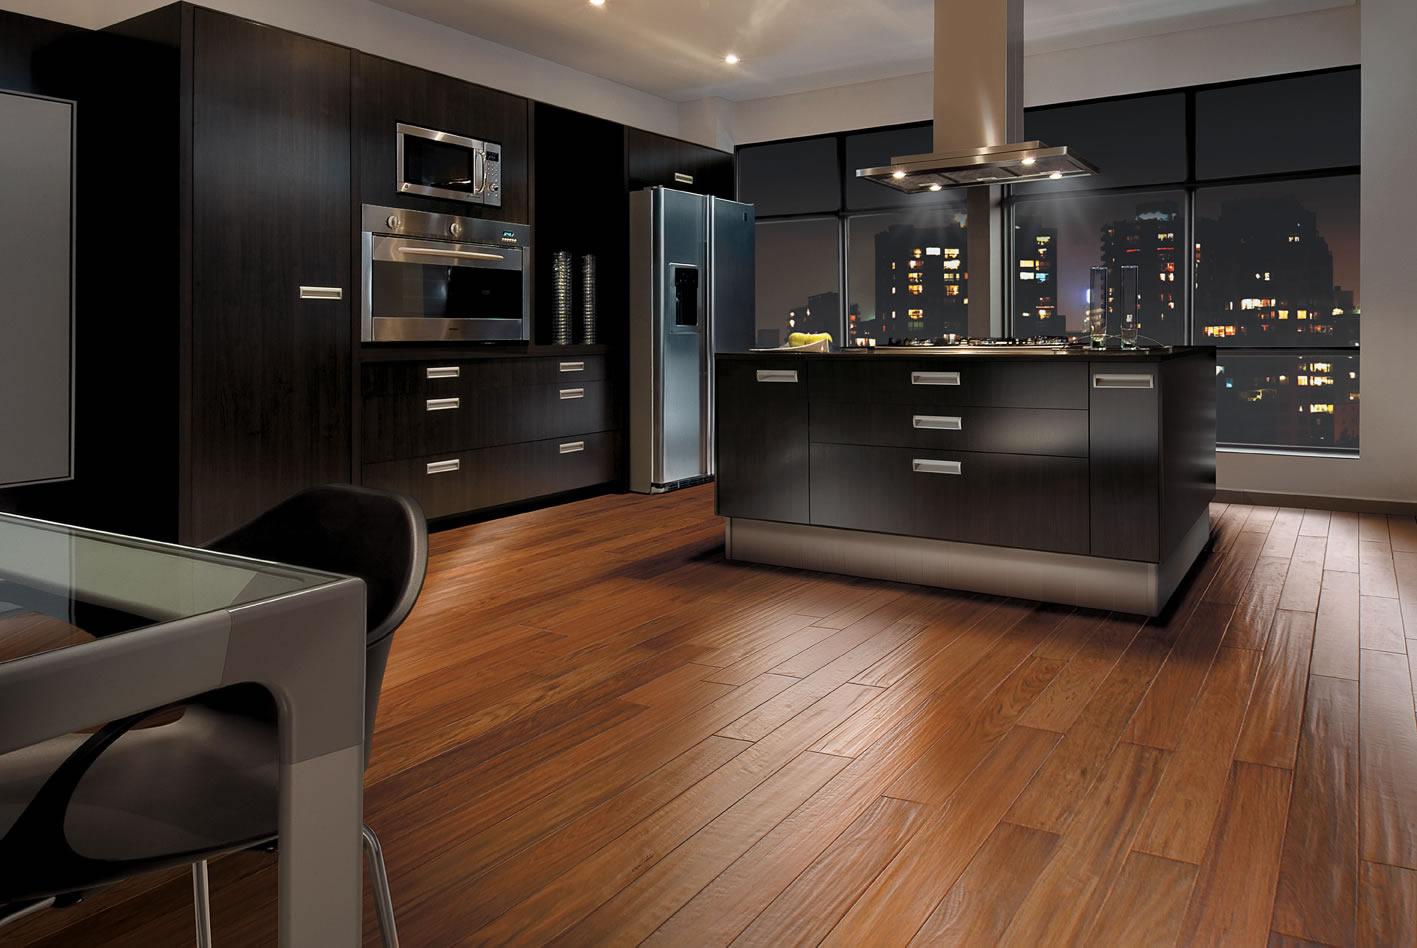 Já essa cozinha usa piso laminado madeira escura para o revestimento